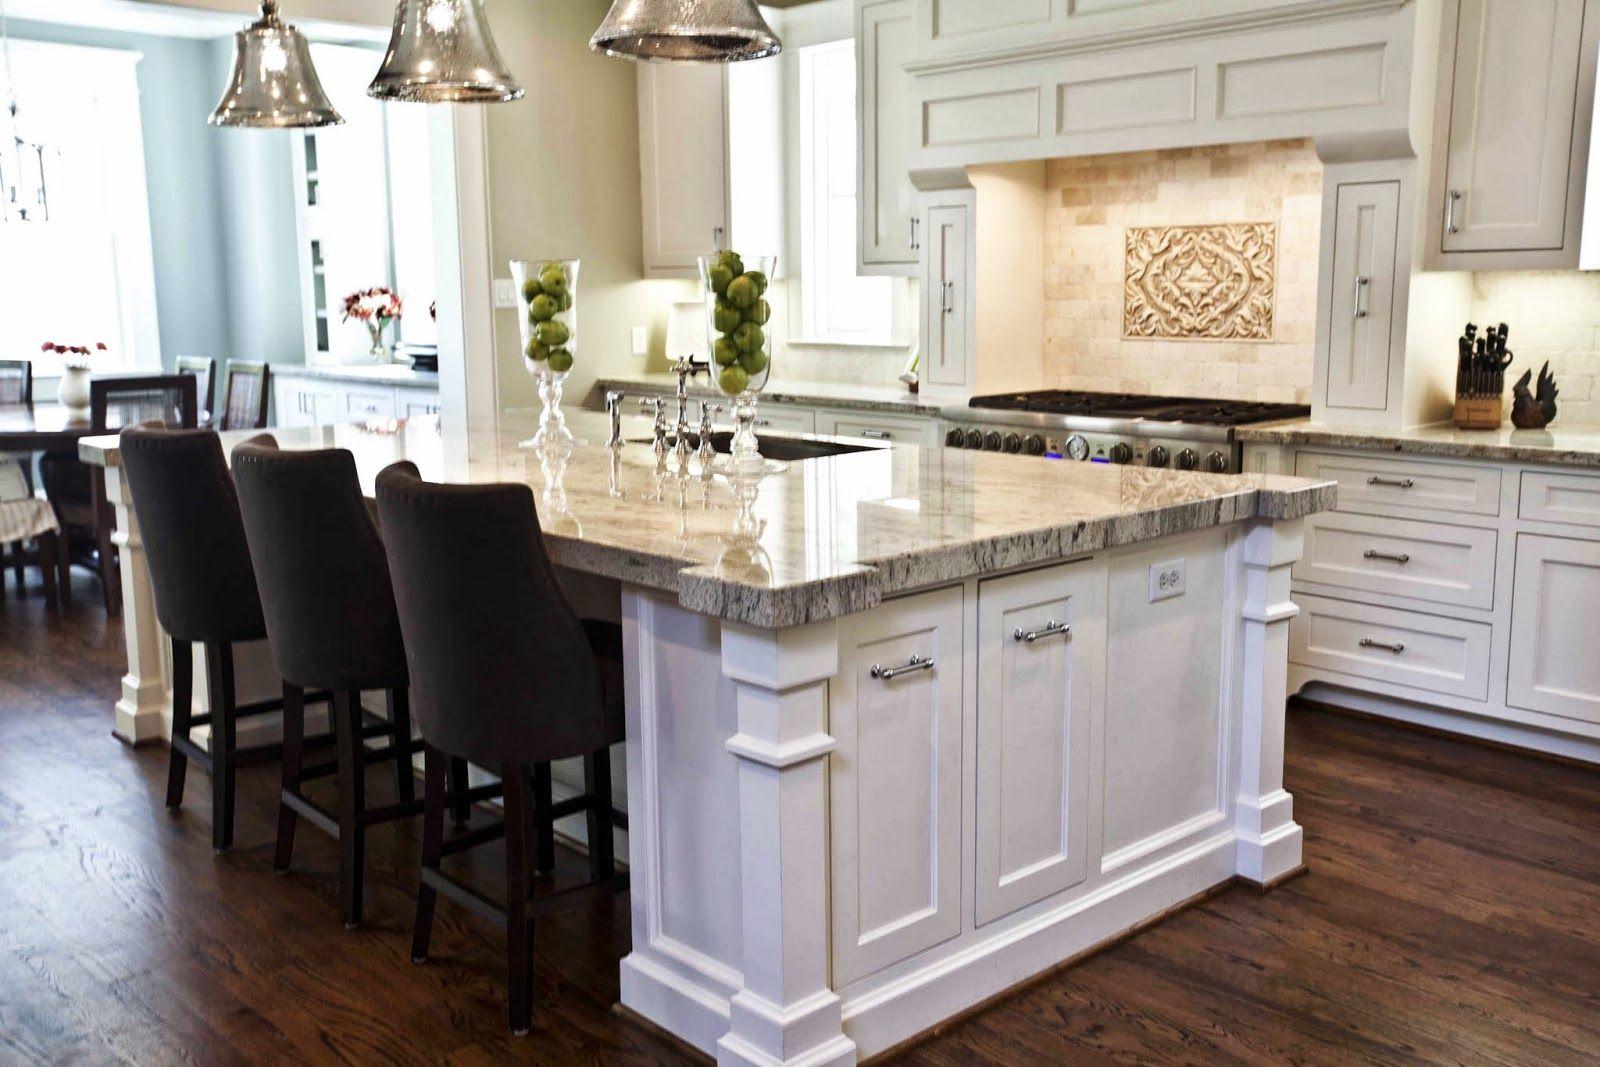 New Craftsman Home Photo Shoot | Pinterest | Tipps und Küche